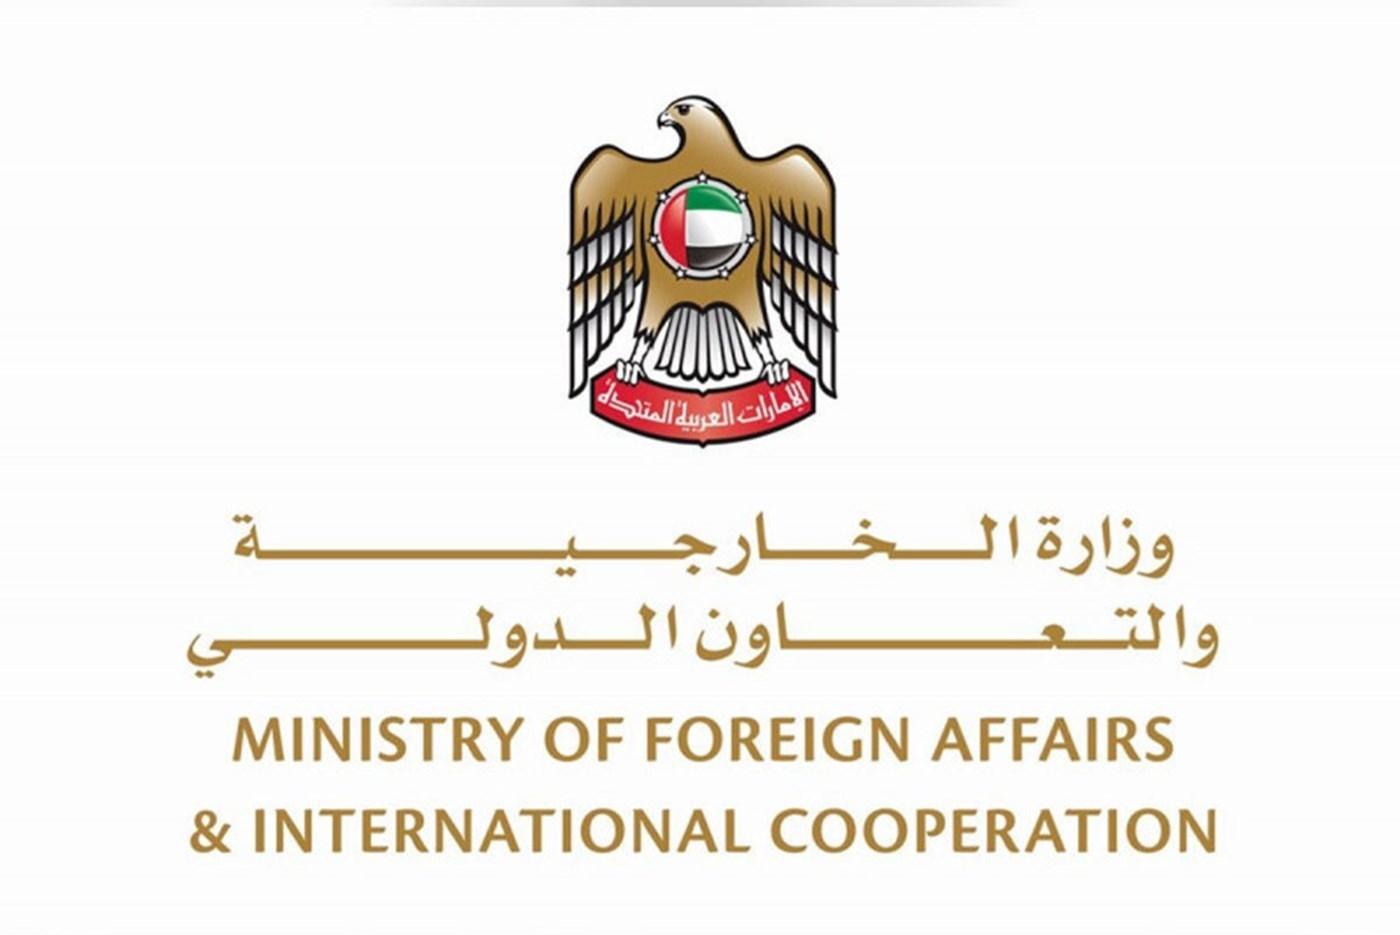 الخارجية الإماراتية: ندعو جميع الأطراف إلى ممارسة أقصى درجات ضبط النفس